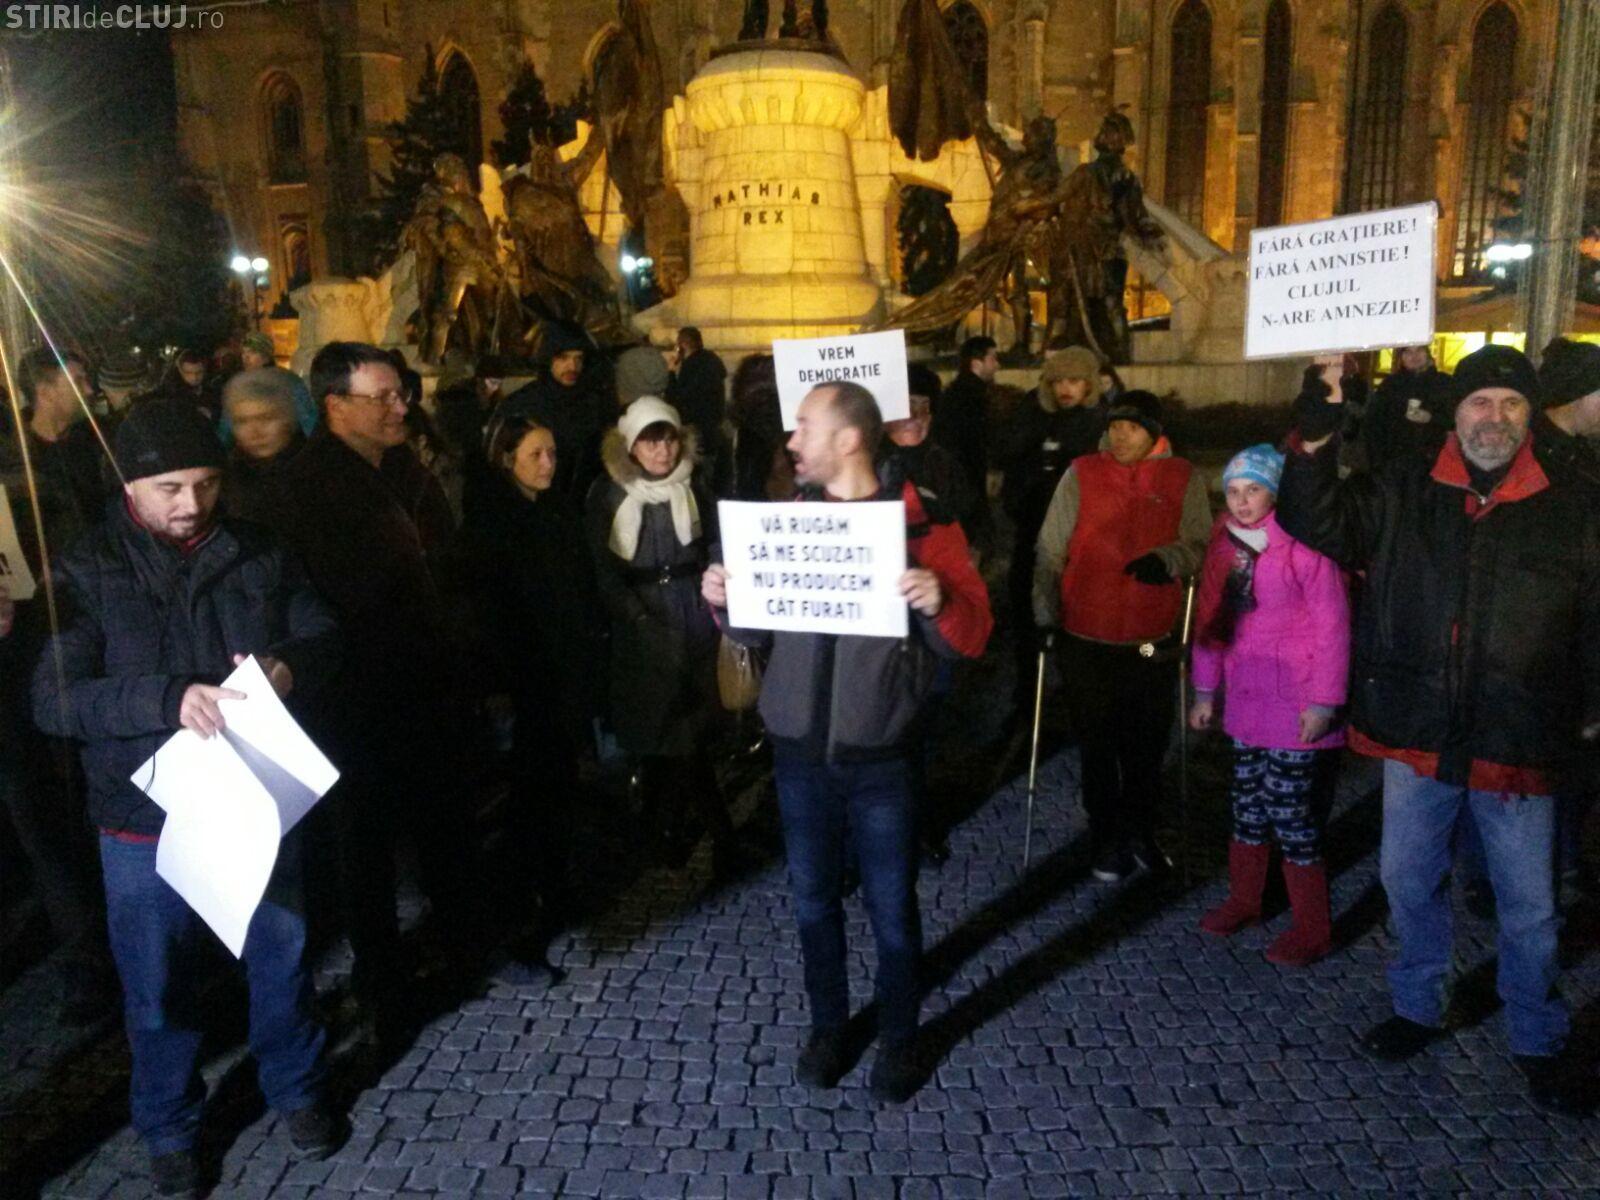 Clujenii au protestat împotriva legii grațierii FOTO/VIDEO